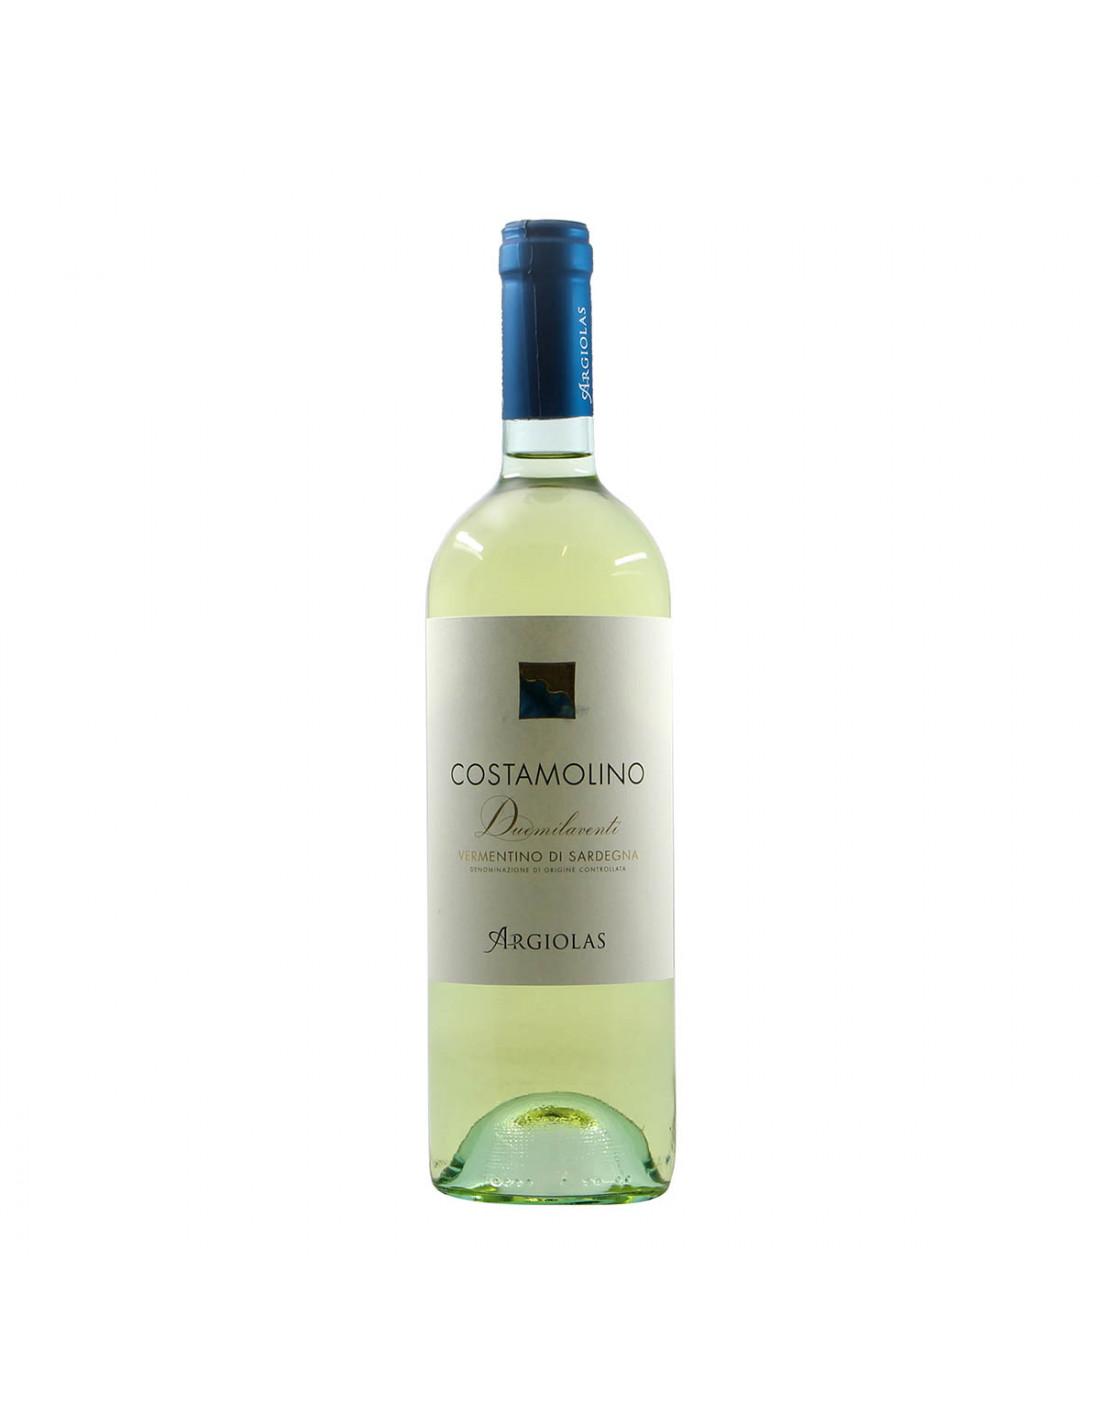 Argiolas Vermentino di Sardegna Costamolino 2020 Grandi Bottiglie